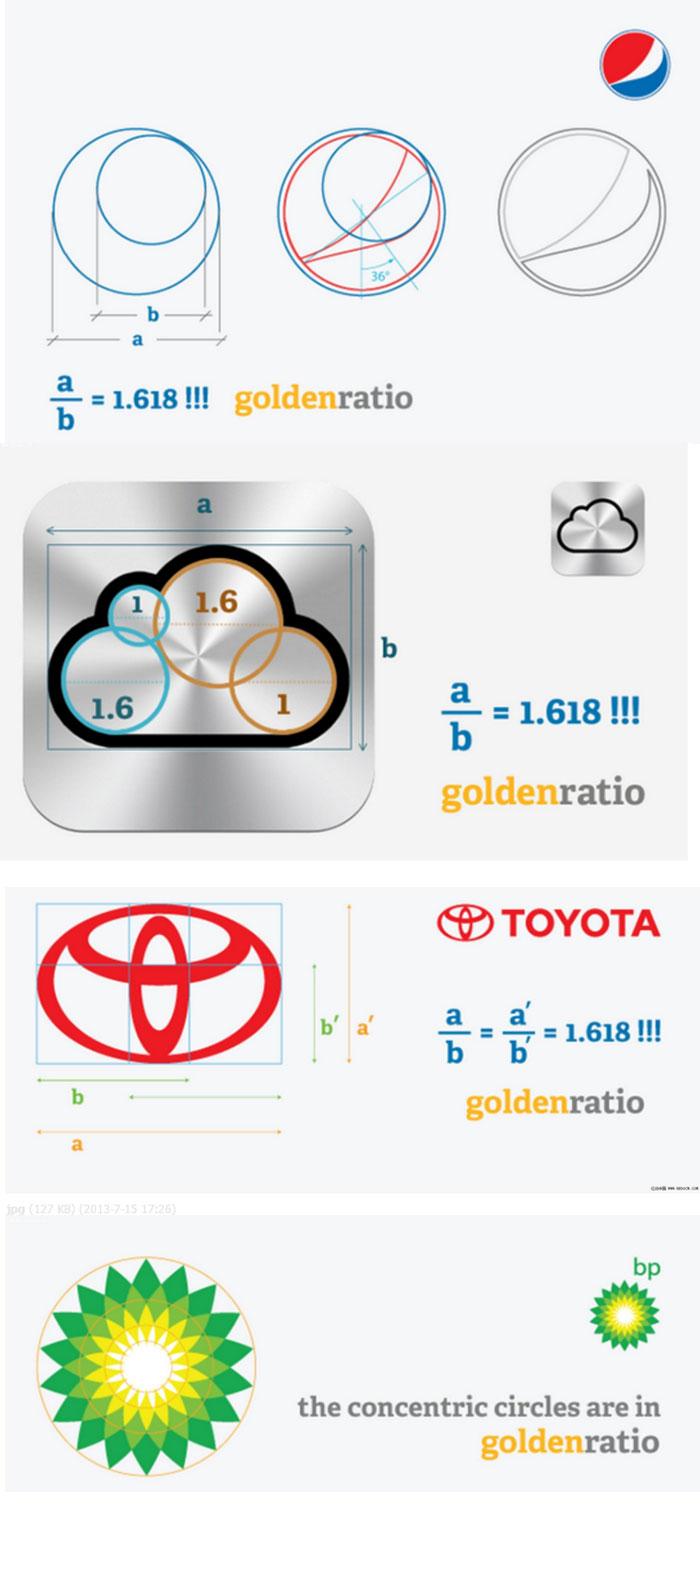 黄金比例设计的logo案例解读